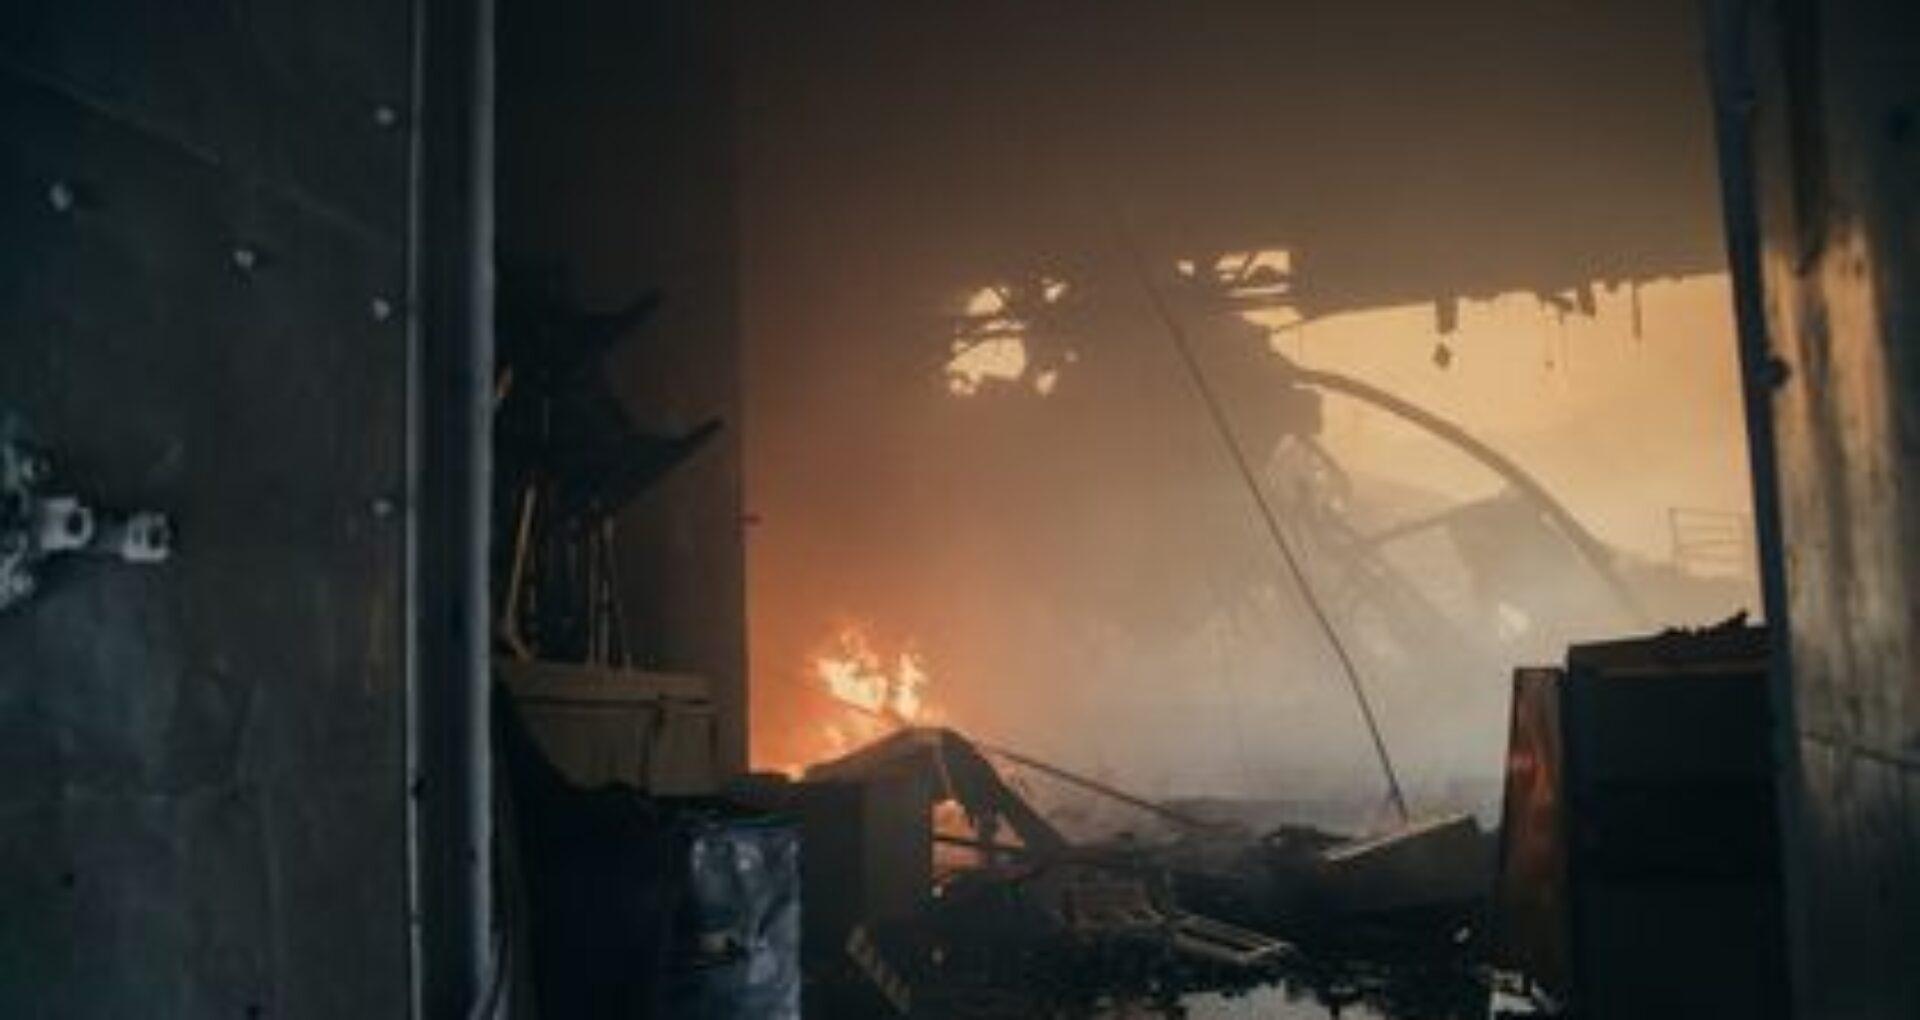 FOTOREPORTAJ/ Imagini din interiorul și exteriorul Filarmonicii Naționale, unde flăcările au afectat o suprafață de circa 3.500 de metri pătrați